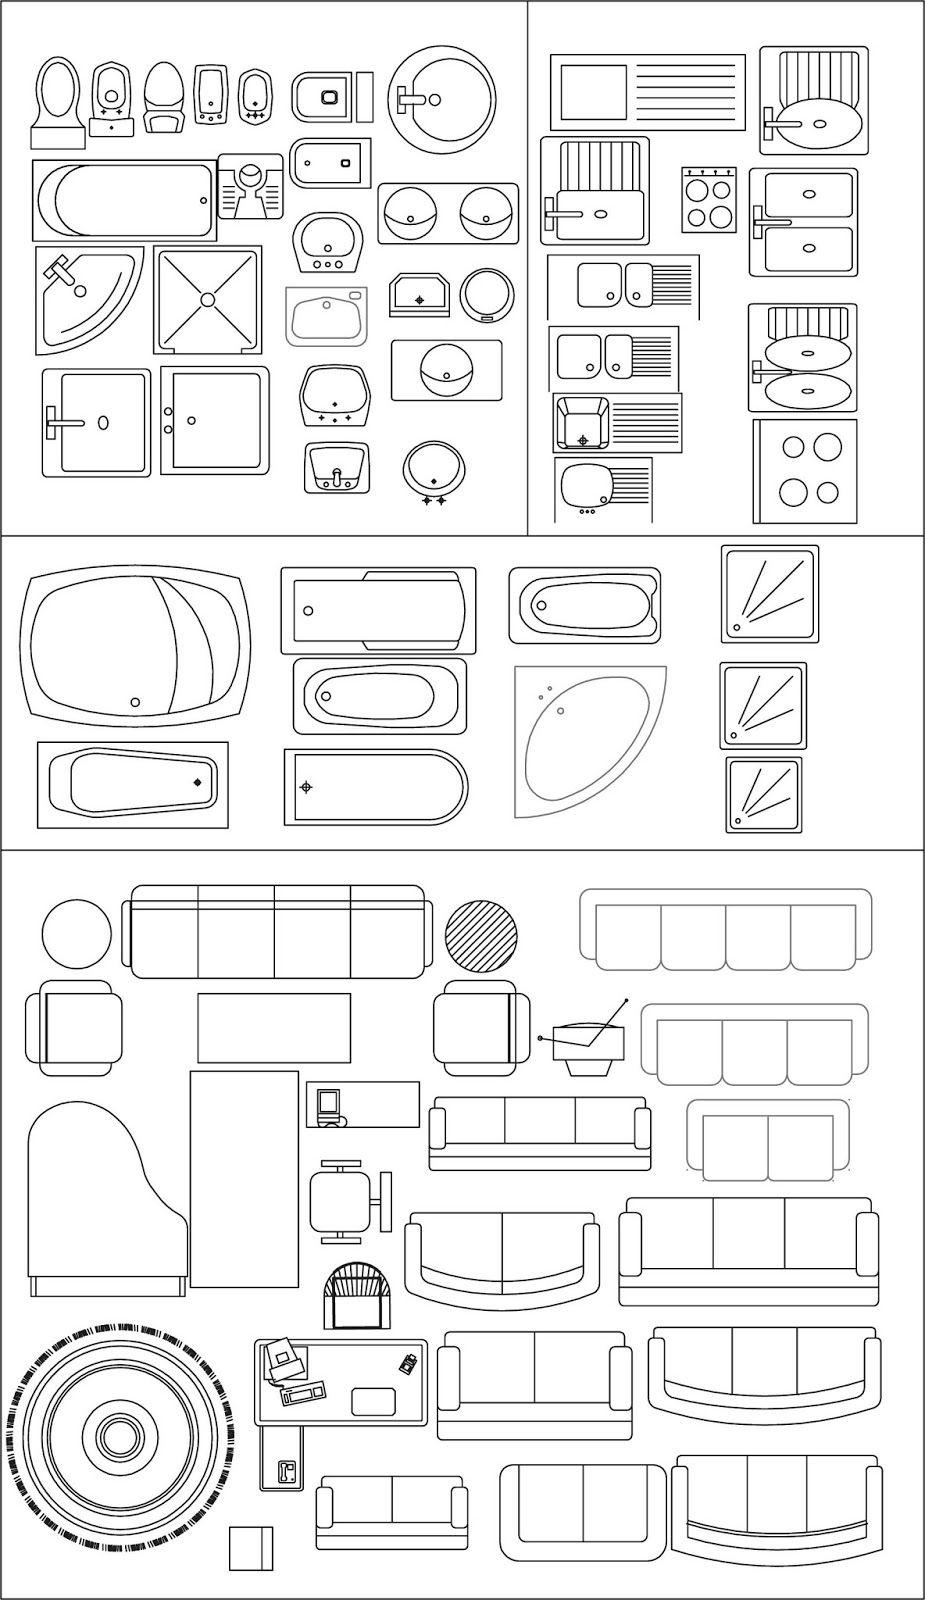 Ideark cali softwares aplicados a dise o ingenieria y for Dibujos de muebles para planos arquitectonicos